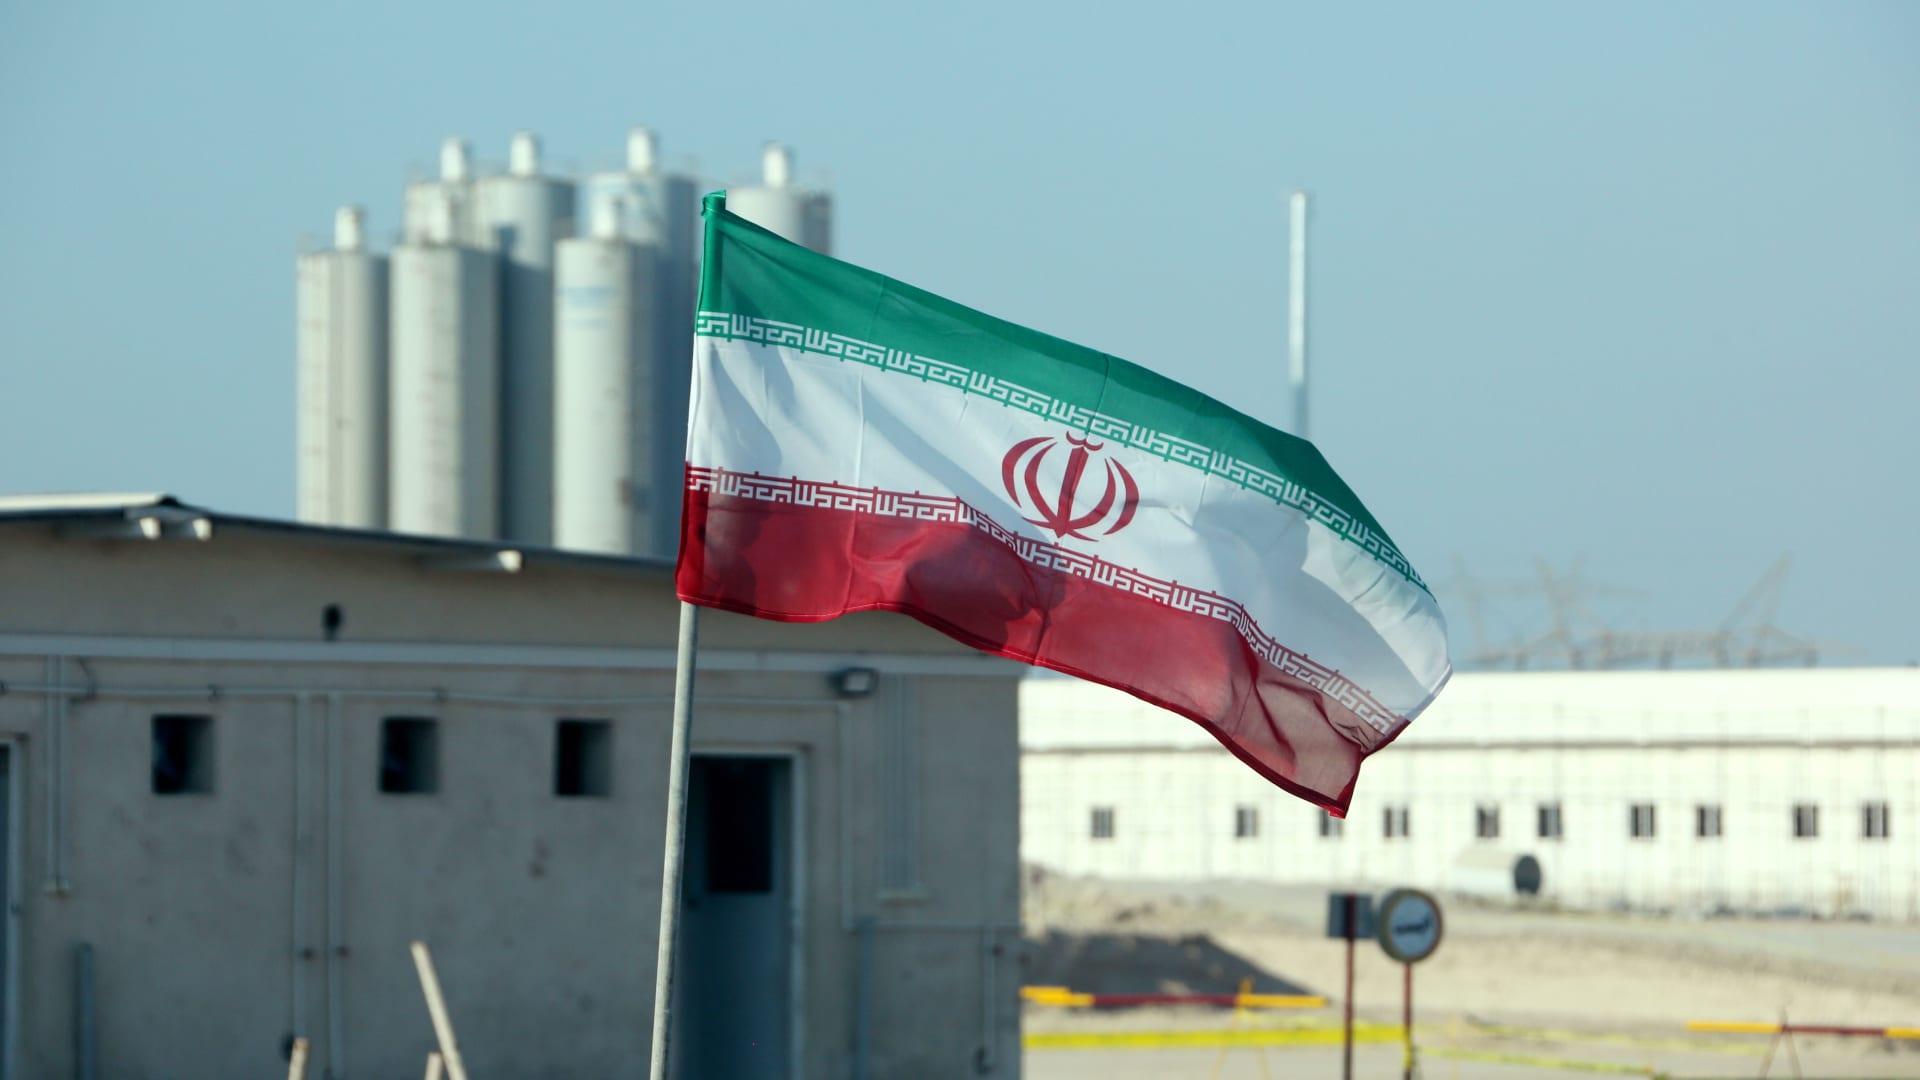 """خبير استراتيجي بارز: على إسرائيل أن تكون جاهزة لرد إيراني على الحرائق والانفجارات """"مجهولة السبب"""""""